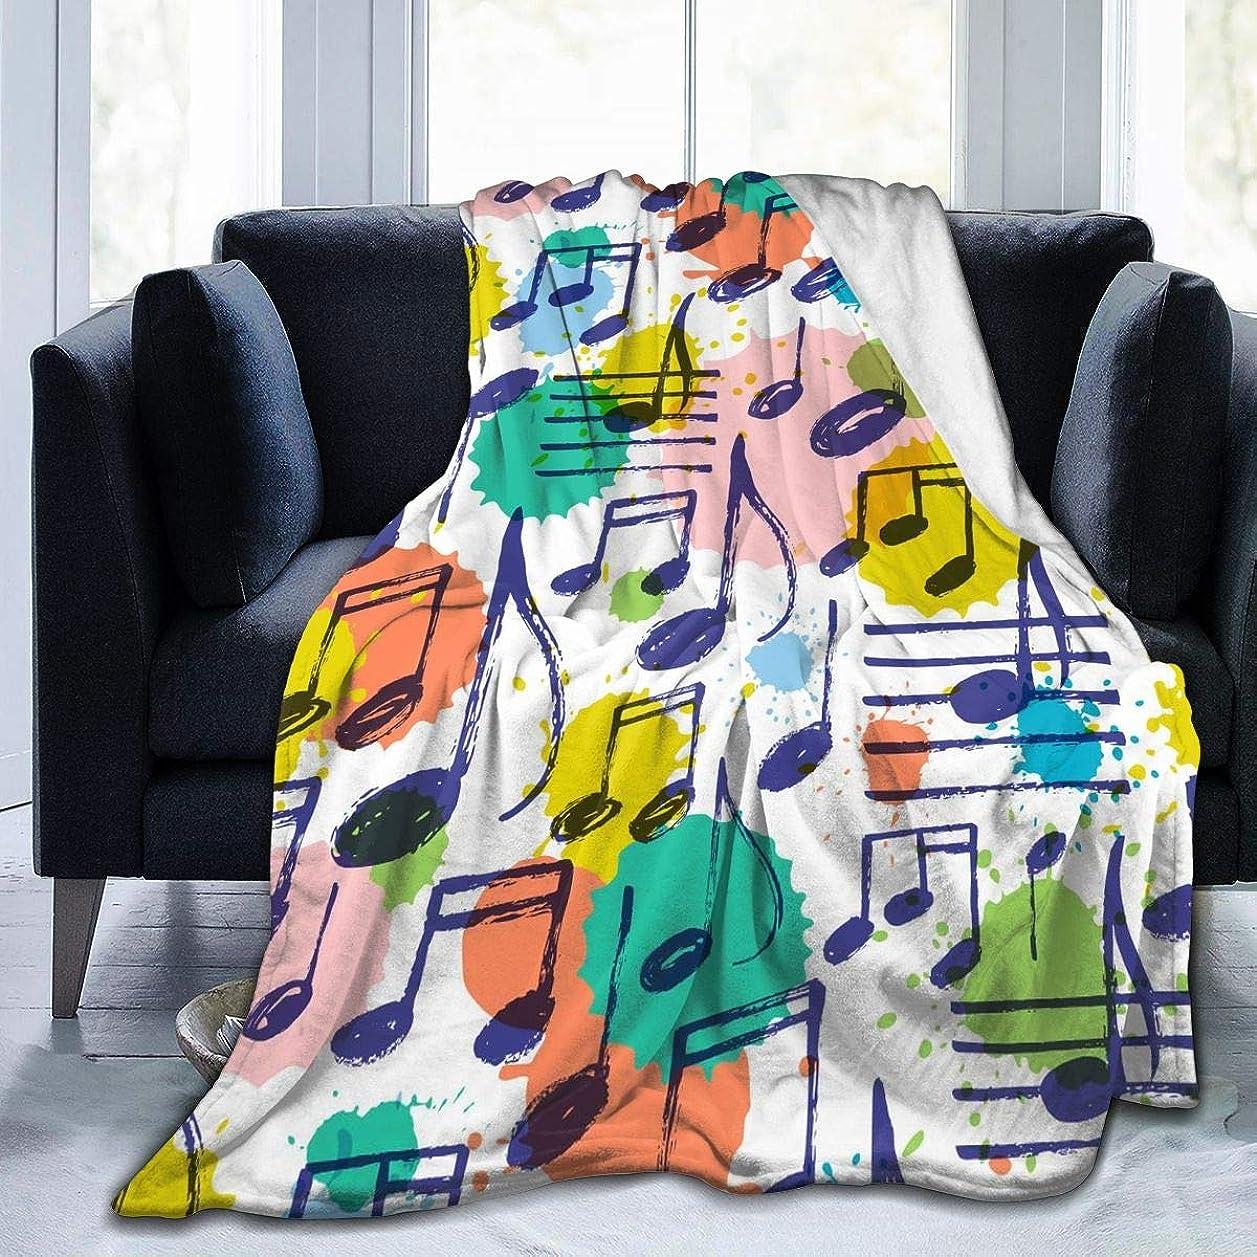 うまくやる()揃える風が強い音符 音楽 水彩 毛布 掛け毛布 ブランケット シングル 暖かい柔らかい ふわふわ フランネル 毛布 三つのサイズ